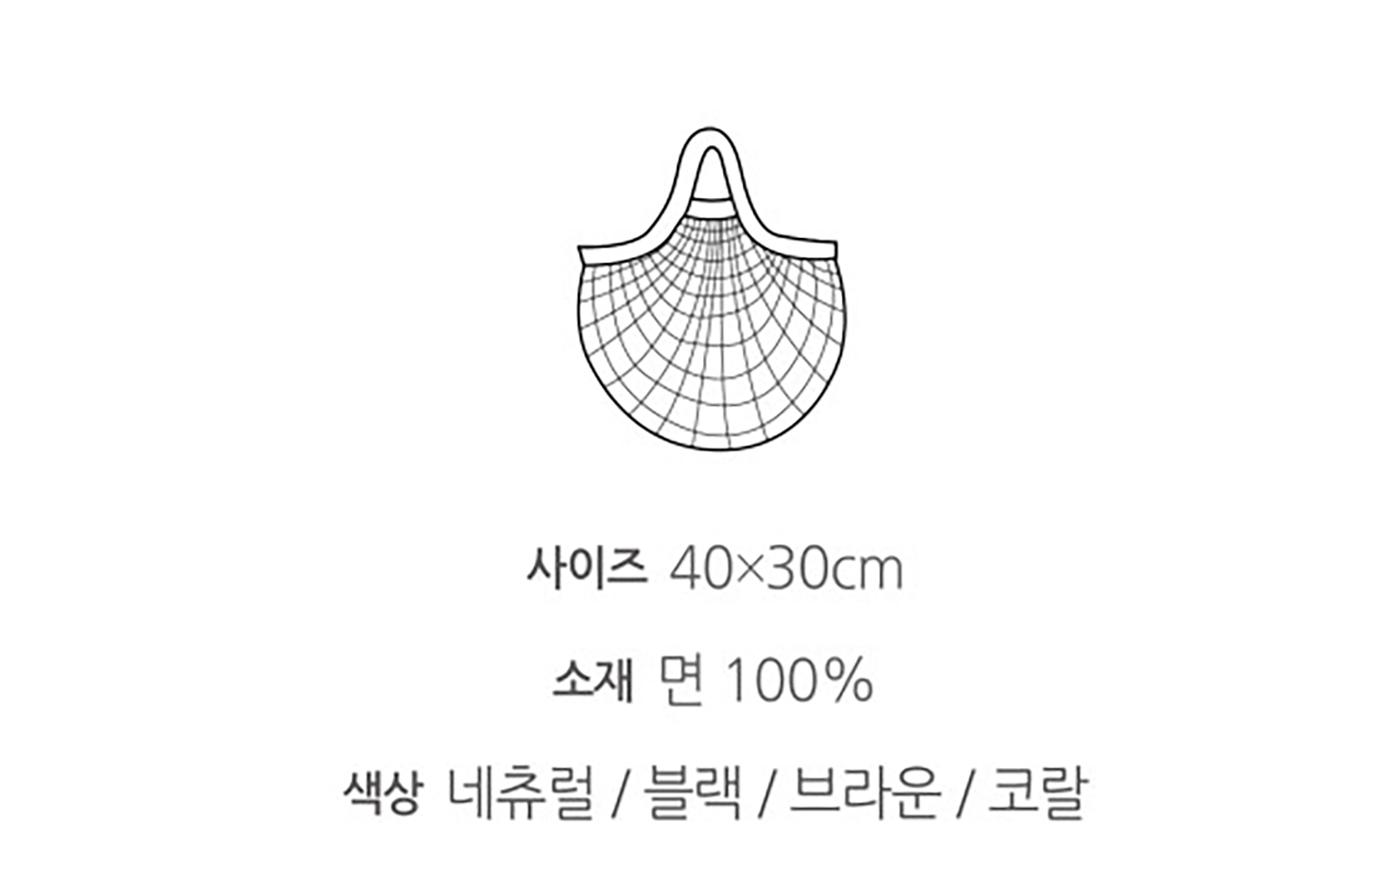 친환경 네트백 메쉬백 그물백 그물가방(컬러 4종) 상세이미지4